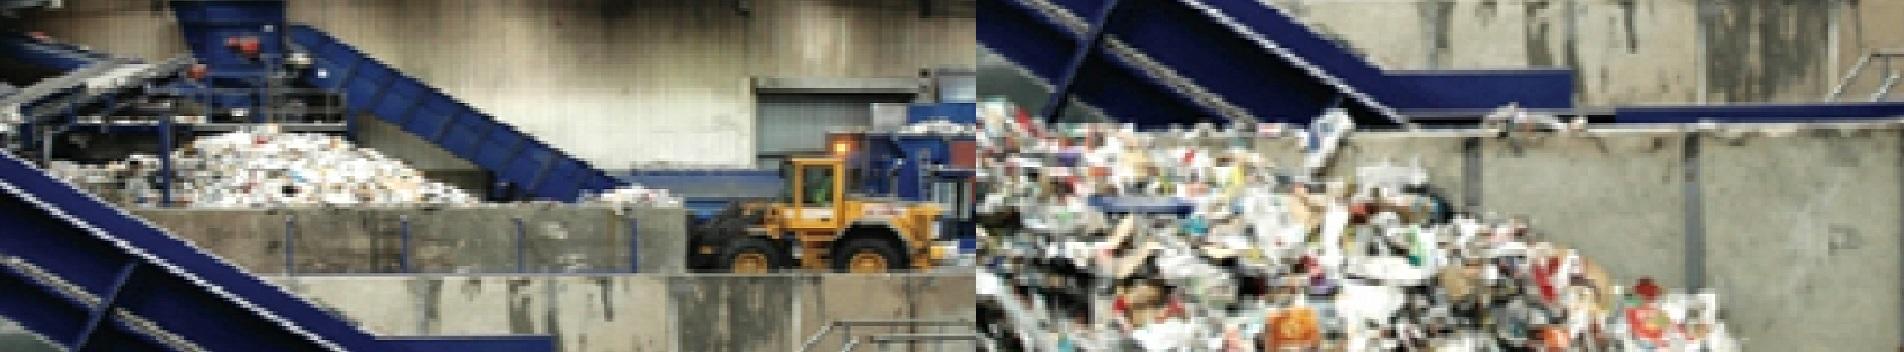 European Bioplastics avala el uso de plásticos compostables en flujos de reciclaje